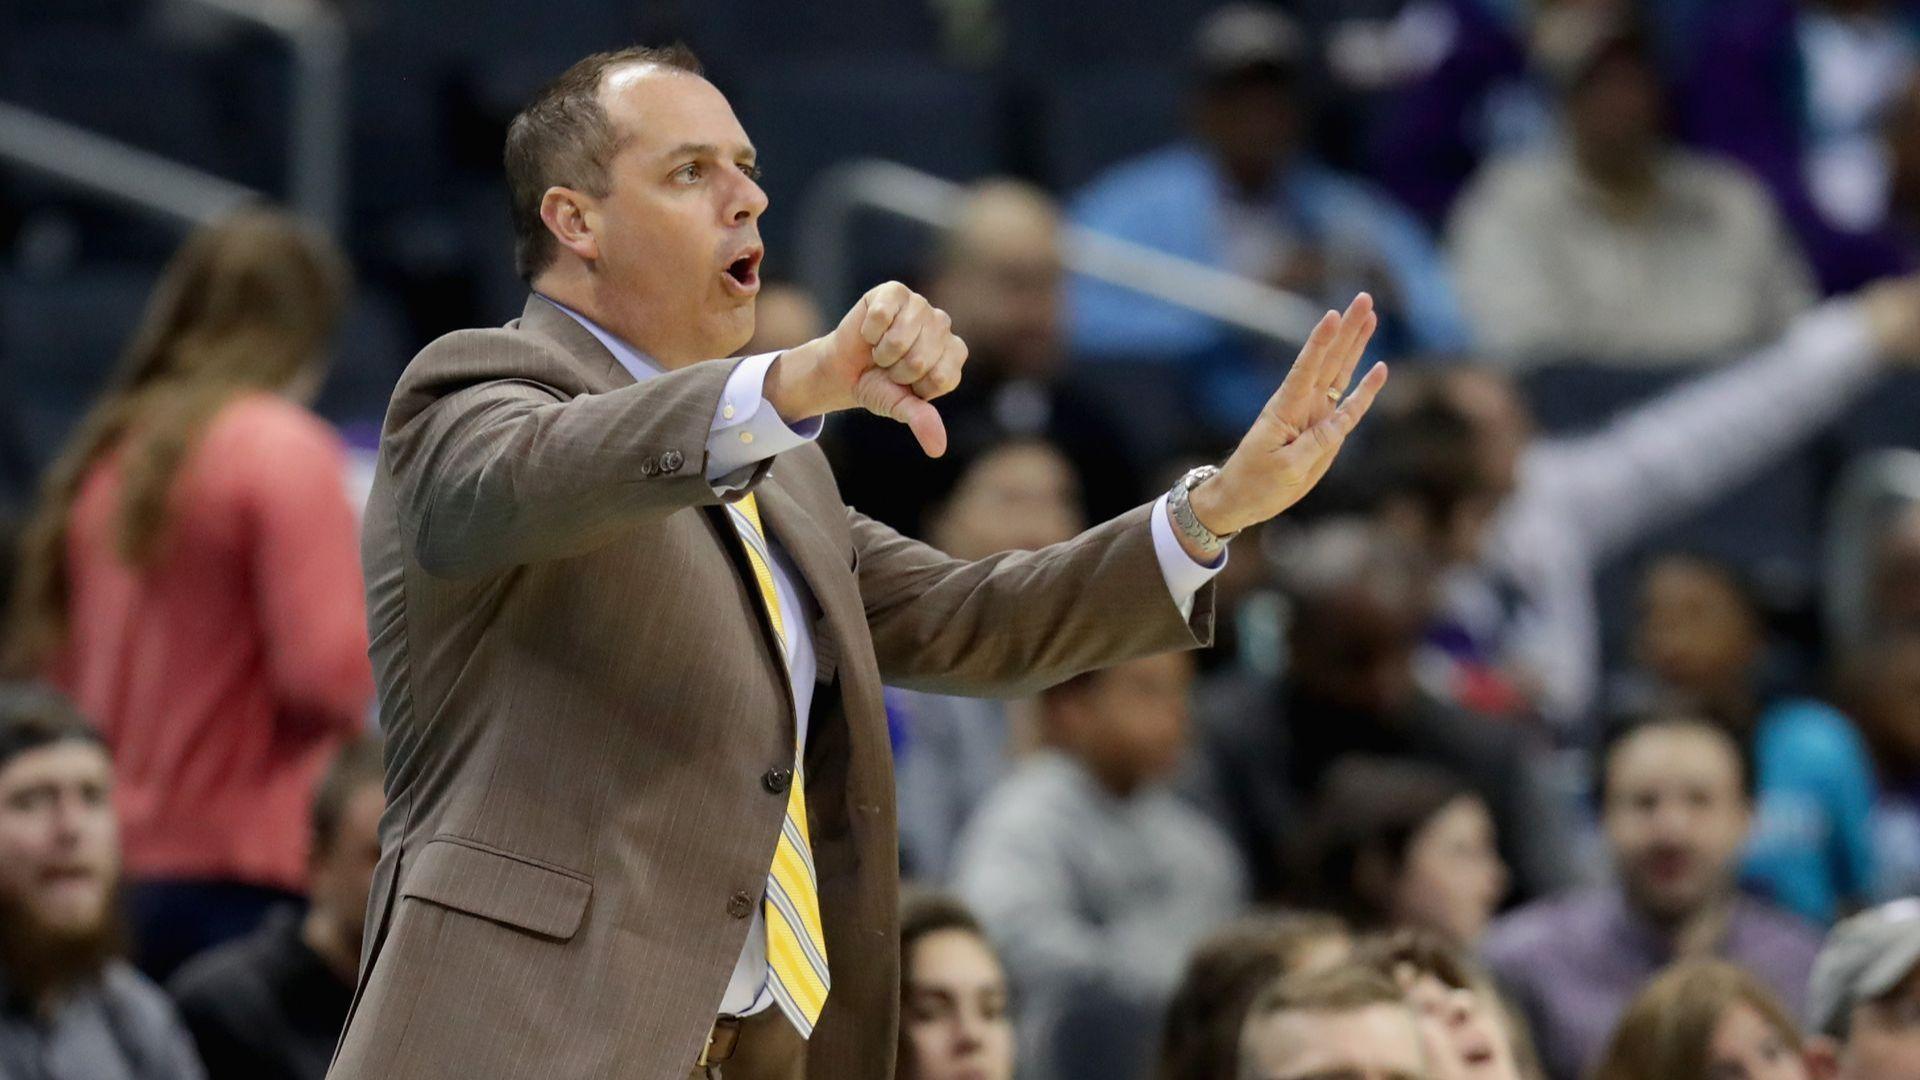 Странен избор за треньор в Лейкърс, очаква се проблем с Леброн